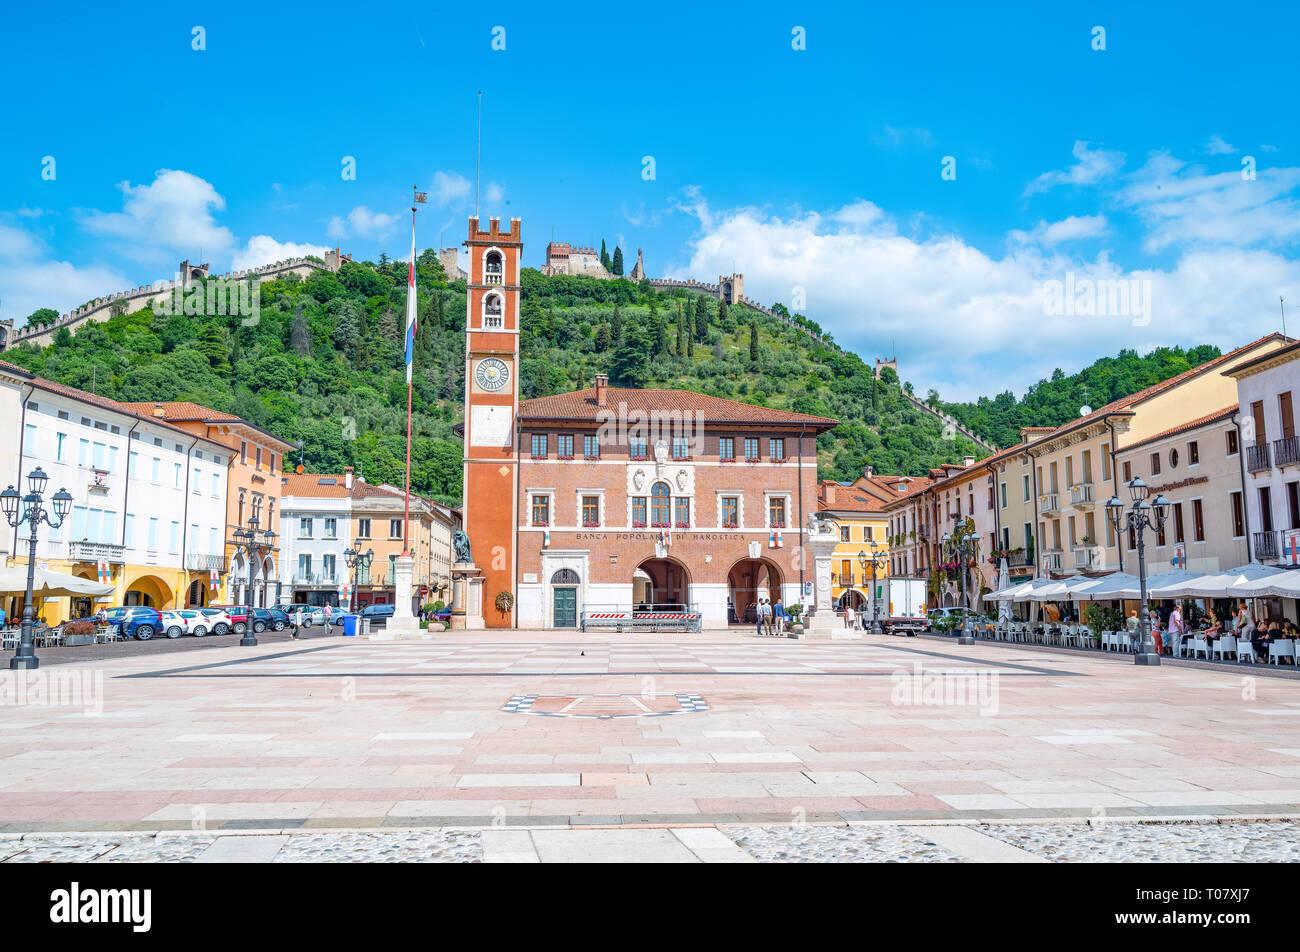 L'Italia, Marostica, la piazza in cui il tradizionale gioco di scacchi è giocato Foto Stock